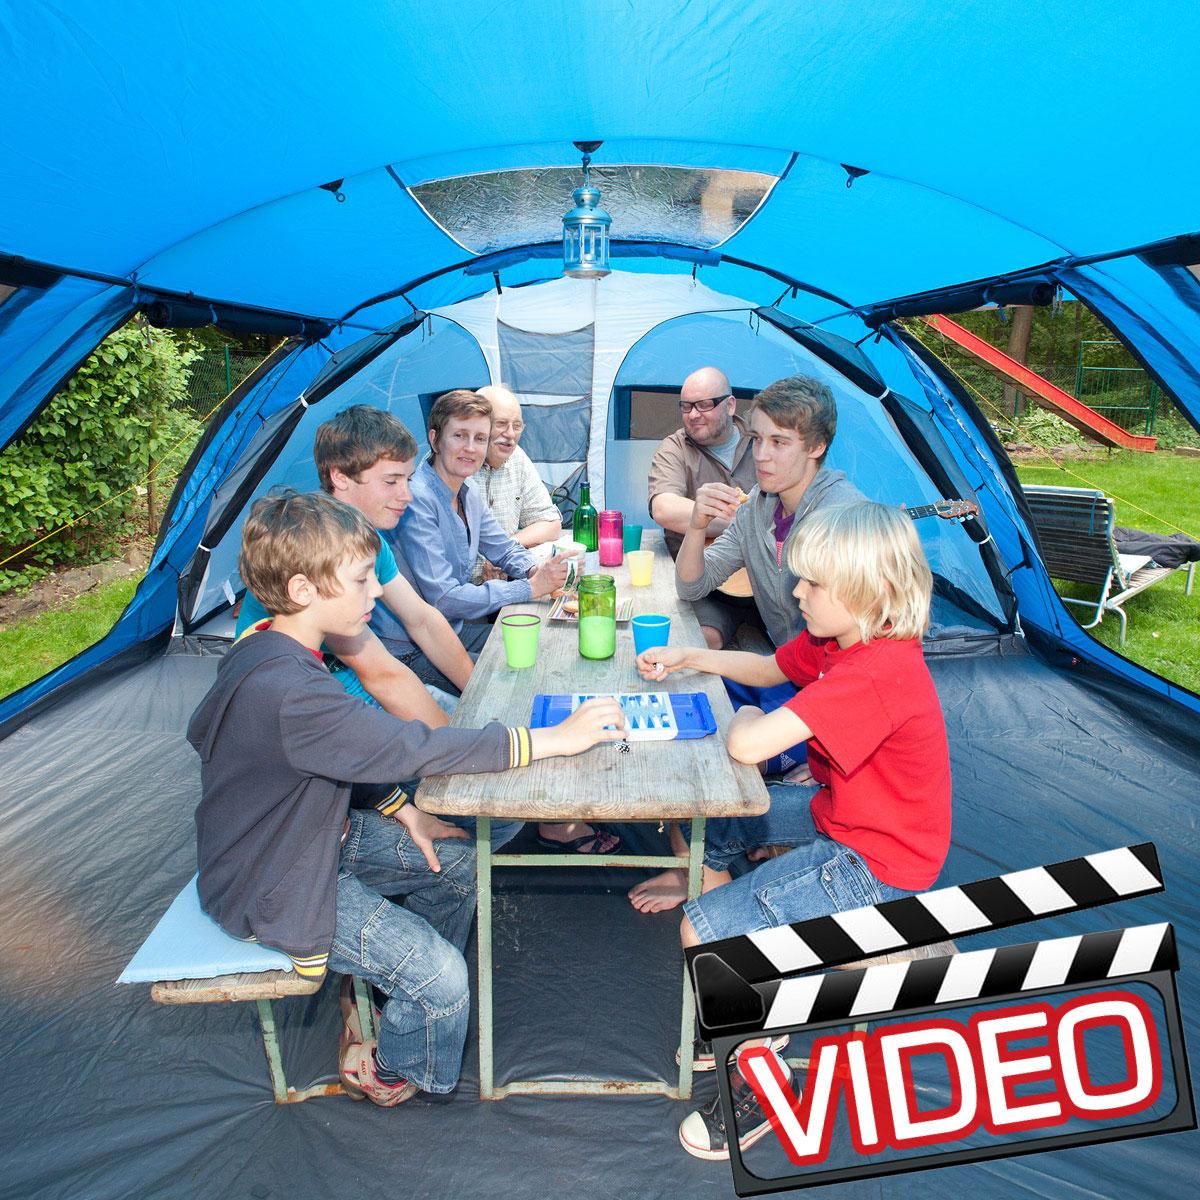 Zelt Torino 4 : Skandika torino familien zelt personen campingzelt